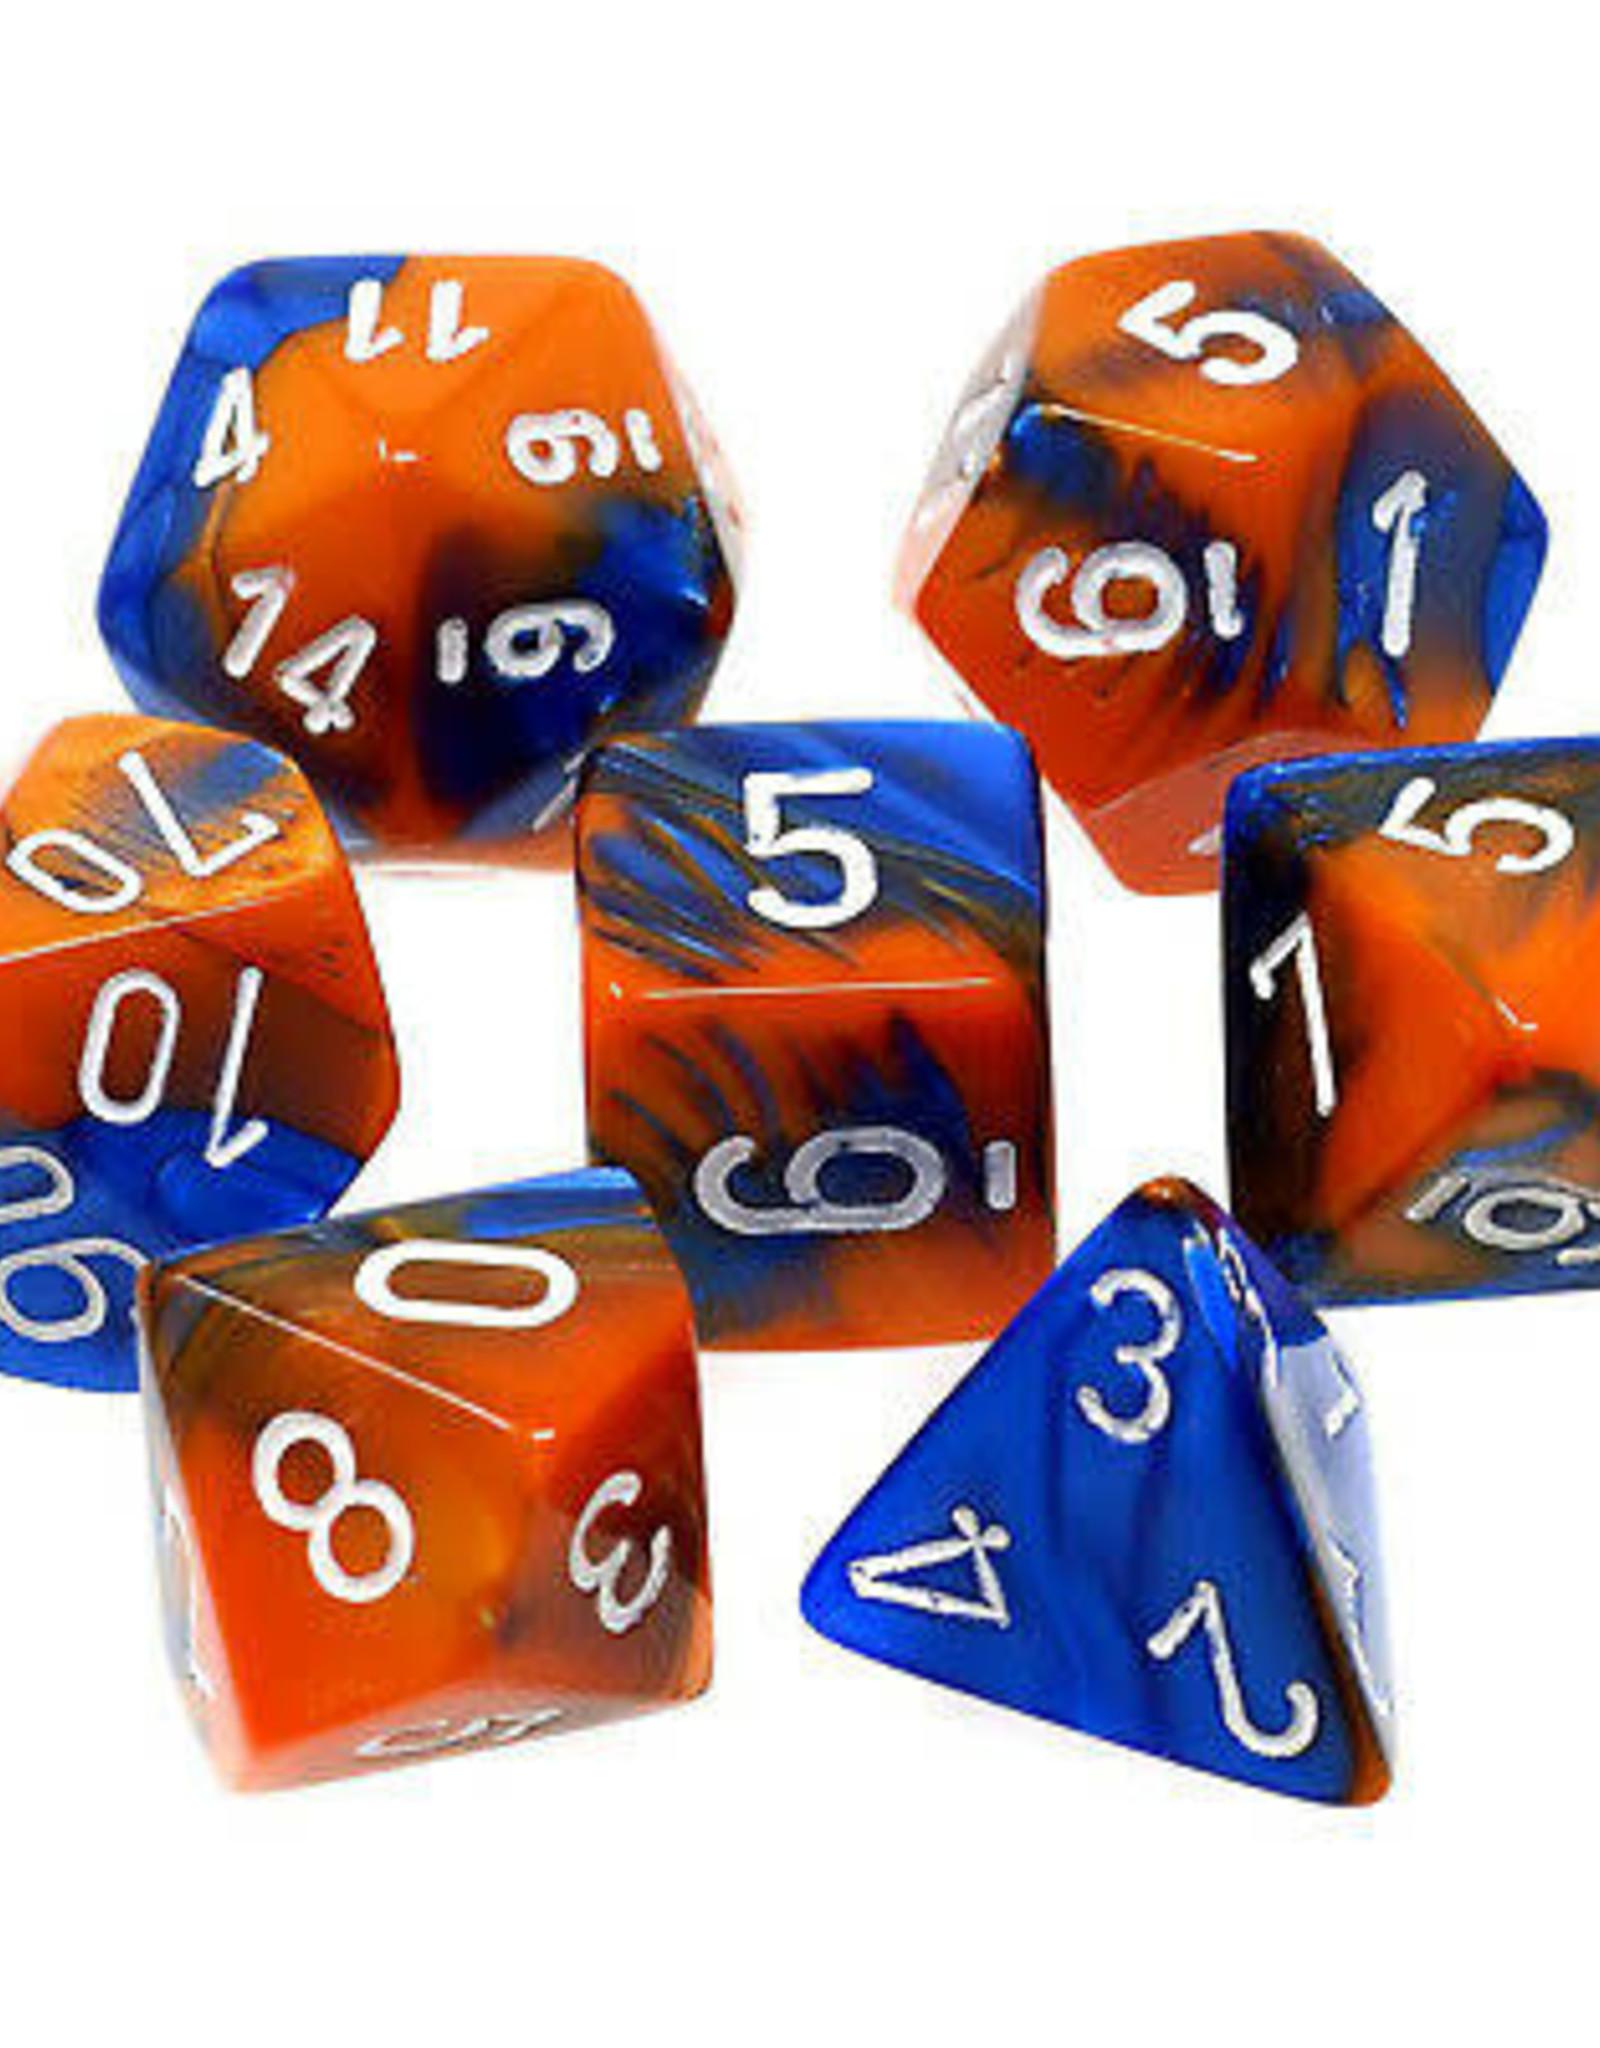 Chessex Dice Block 7ct. - Gemini Blue-Orange